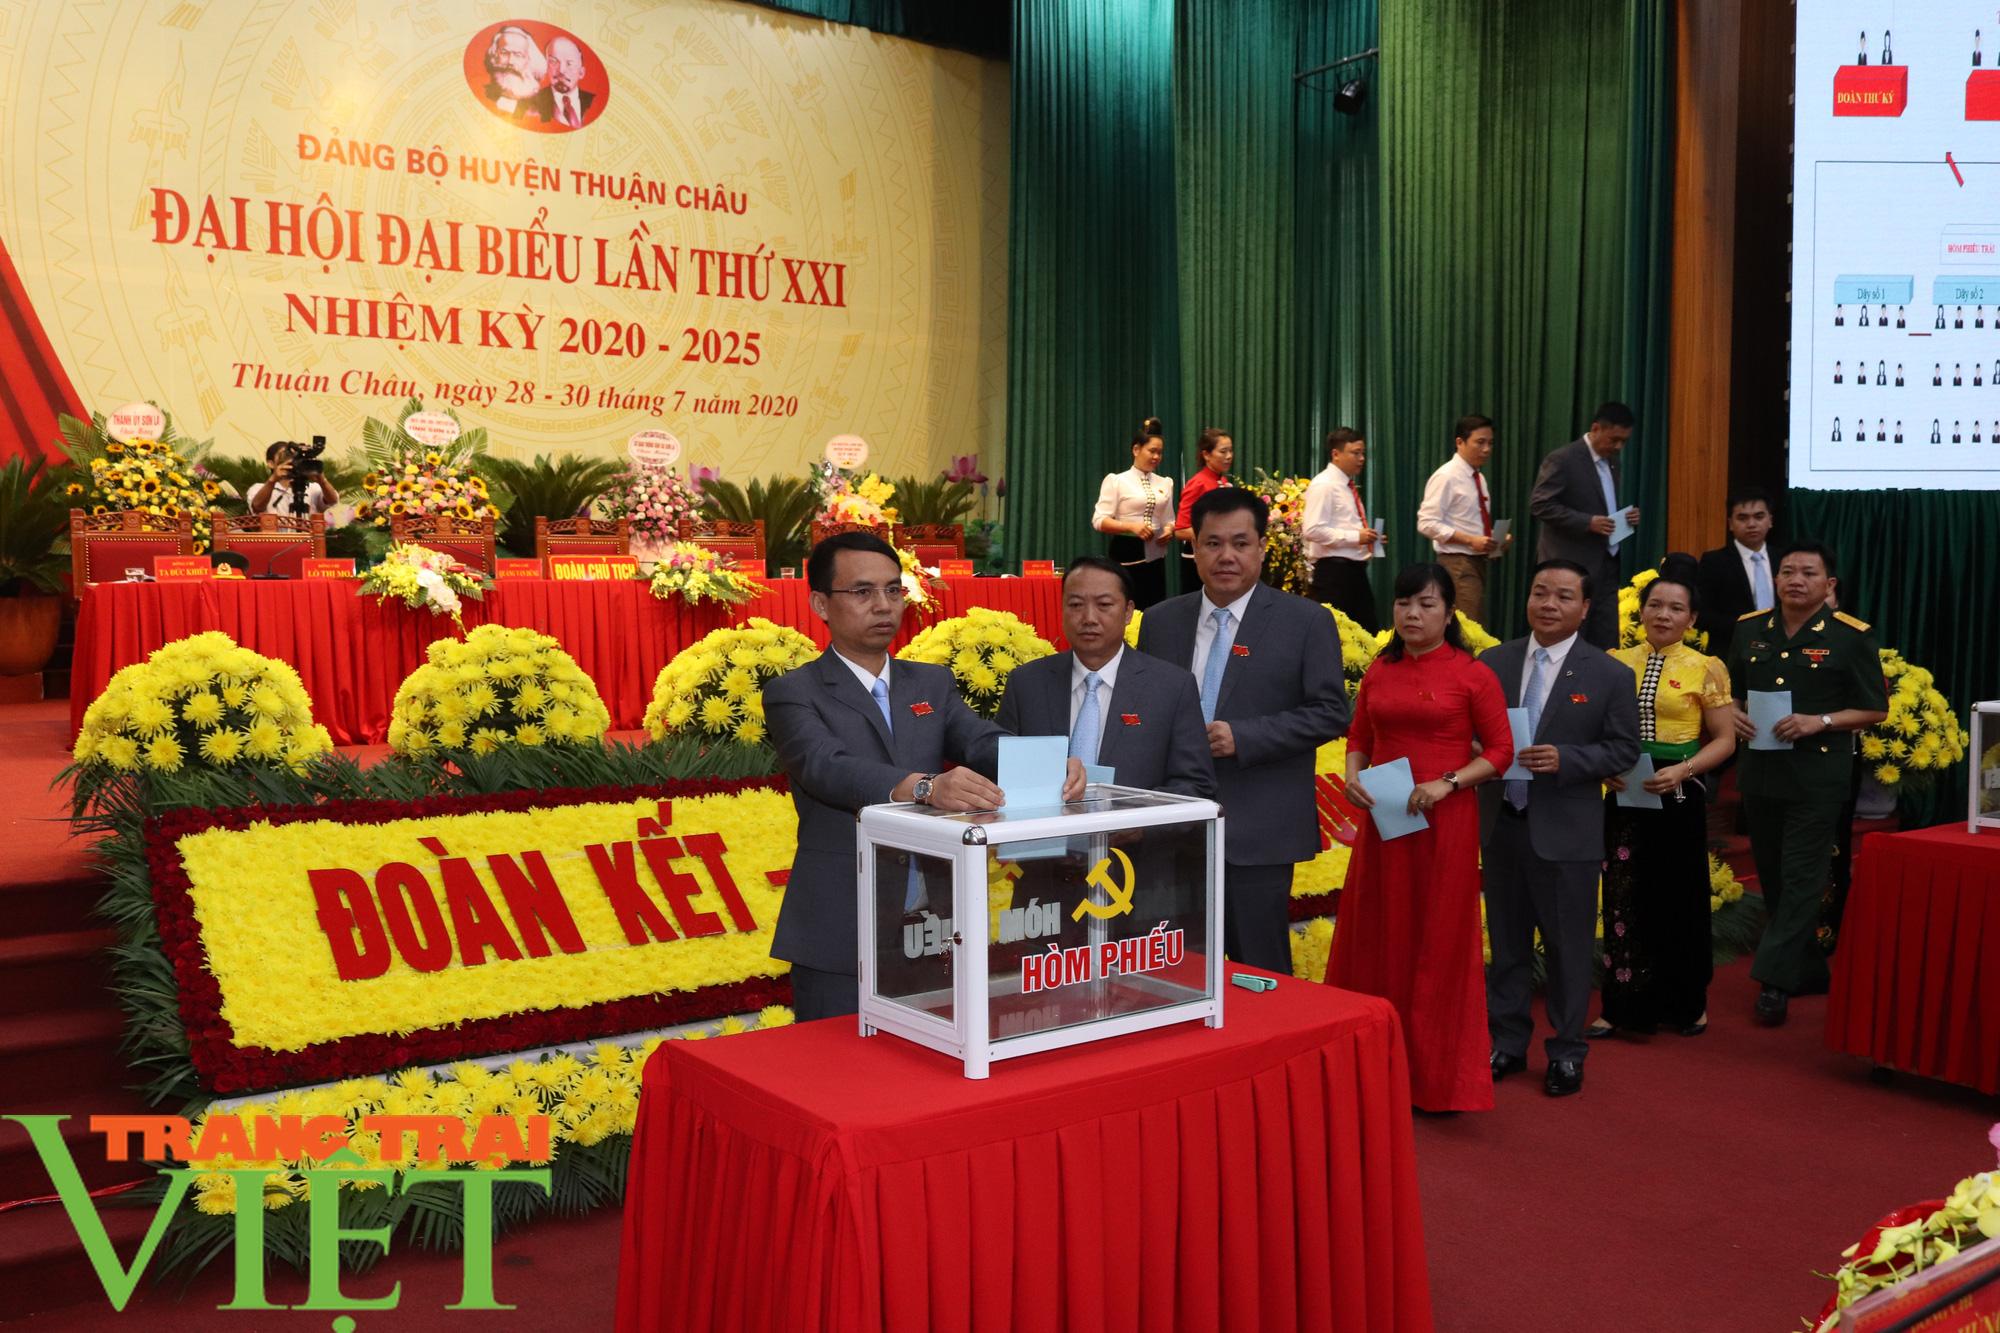 Ông Nguyễn Minh Tiến tái đắc cử Bí thư Huyện uỷ Thuận Châu - Ảnh 4.